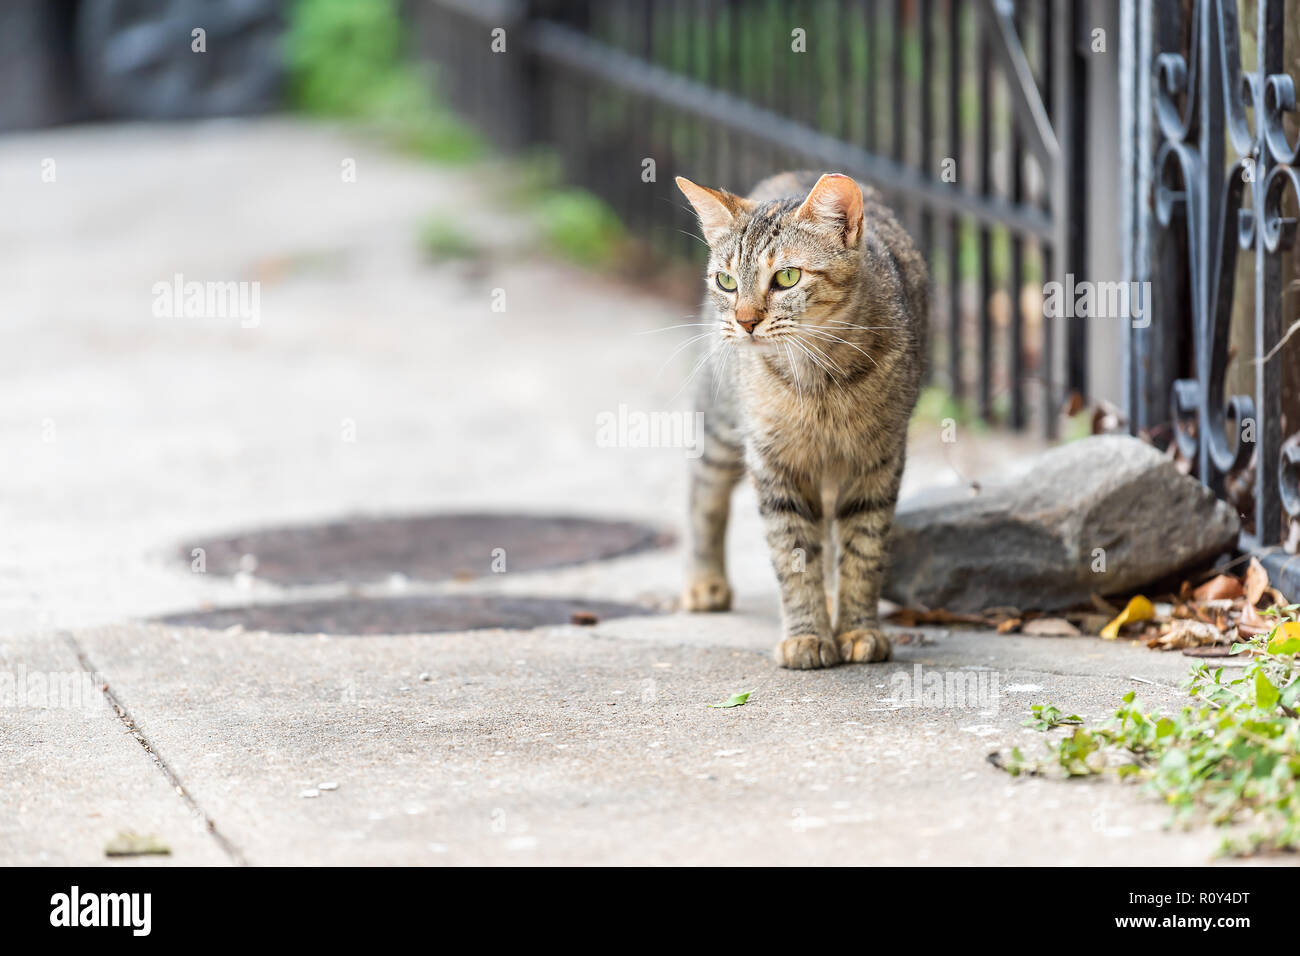 Streunende Katze Katze mit grünen Augen zu Fuß auf dem Bürgersteig Straßen in New Orleans, Louisiana durch Metall Zaun Stockbild